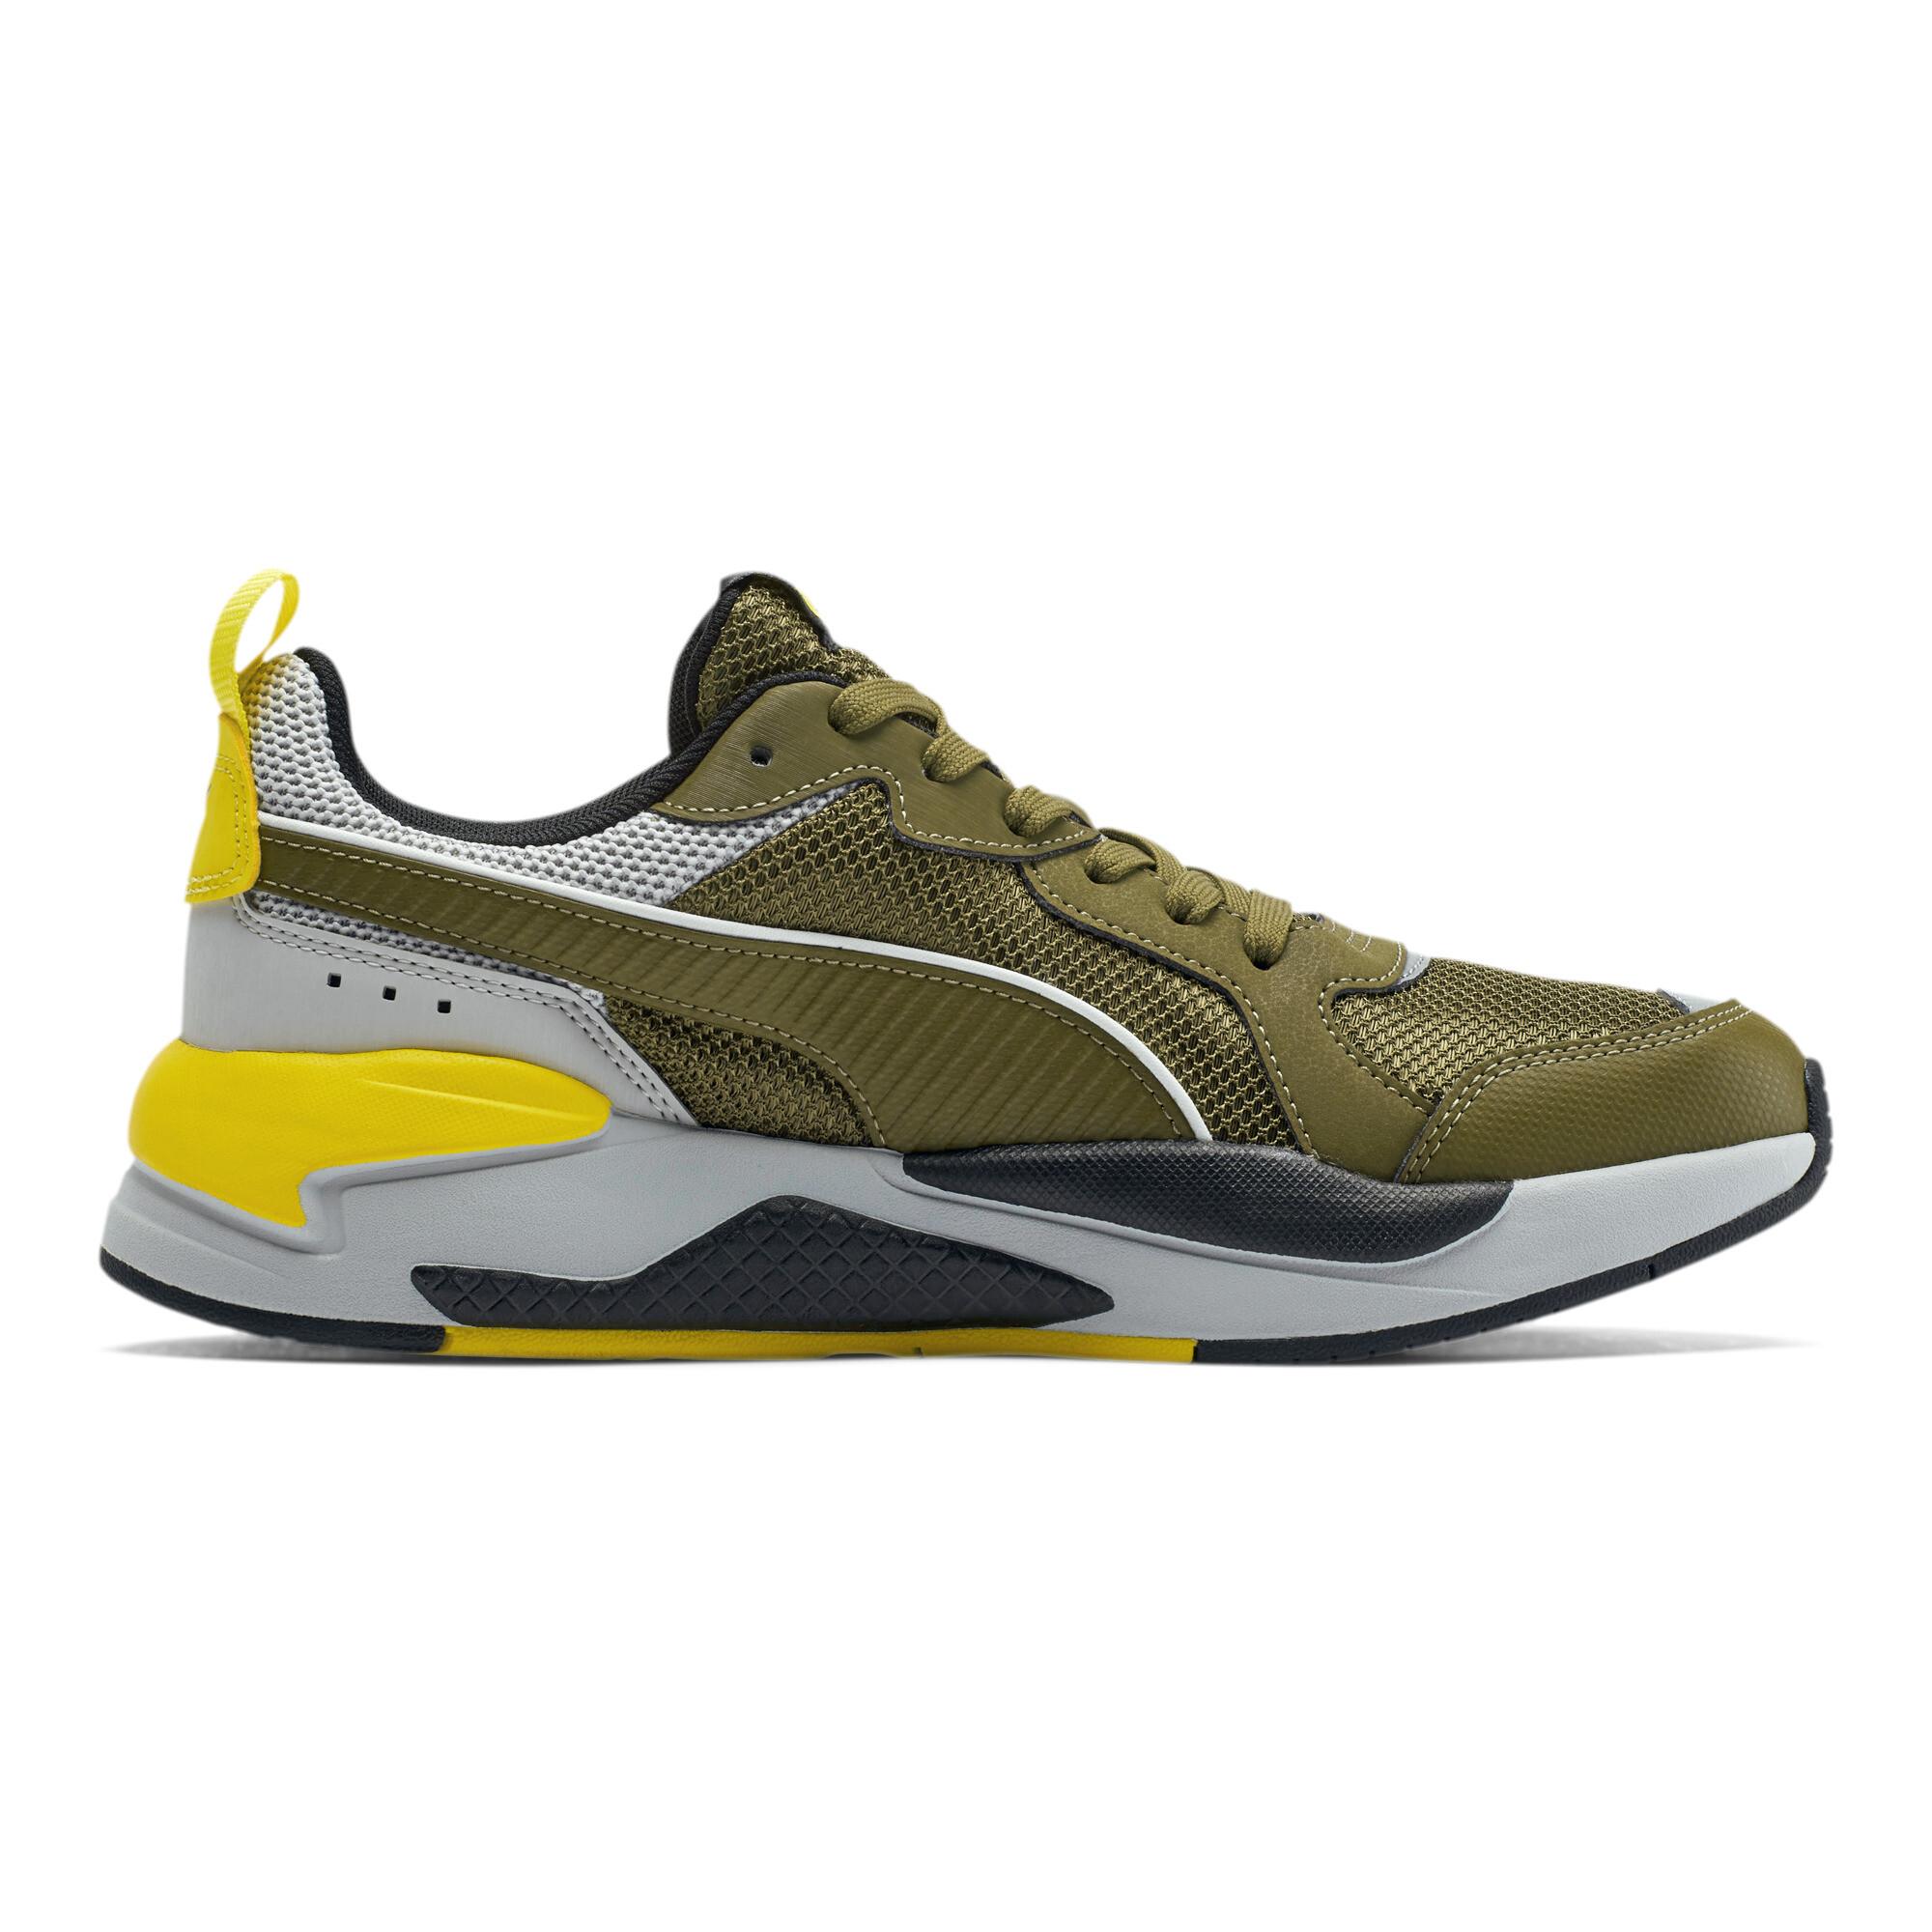 PUMA-X-RAY-Mesh-Men-039-s-Sneakers-Men-Shoe-Basics thumbnail 12